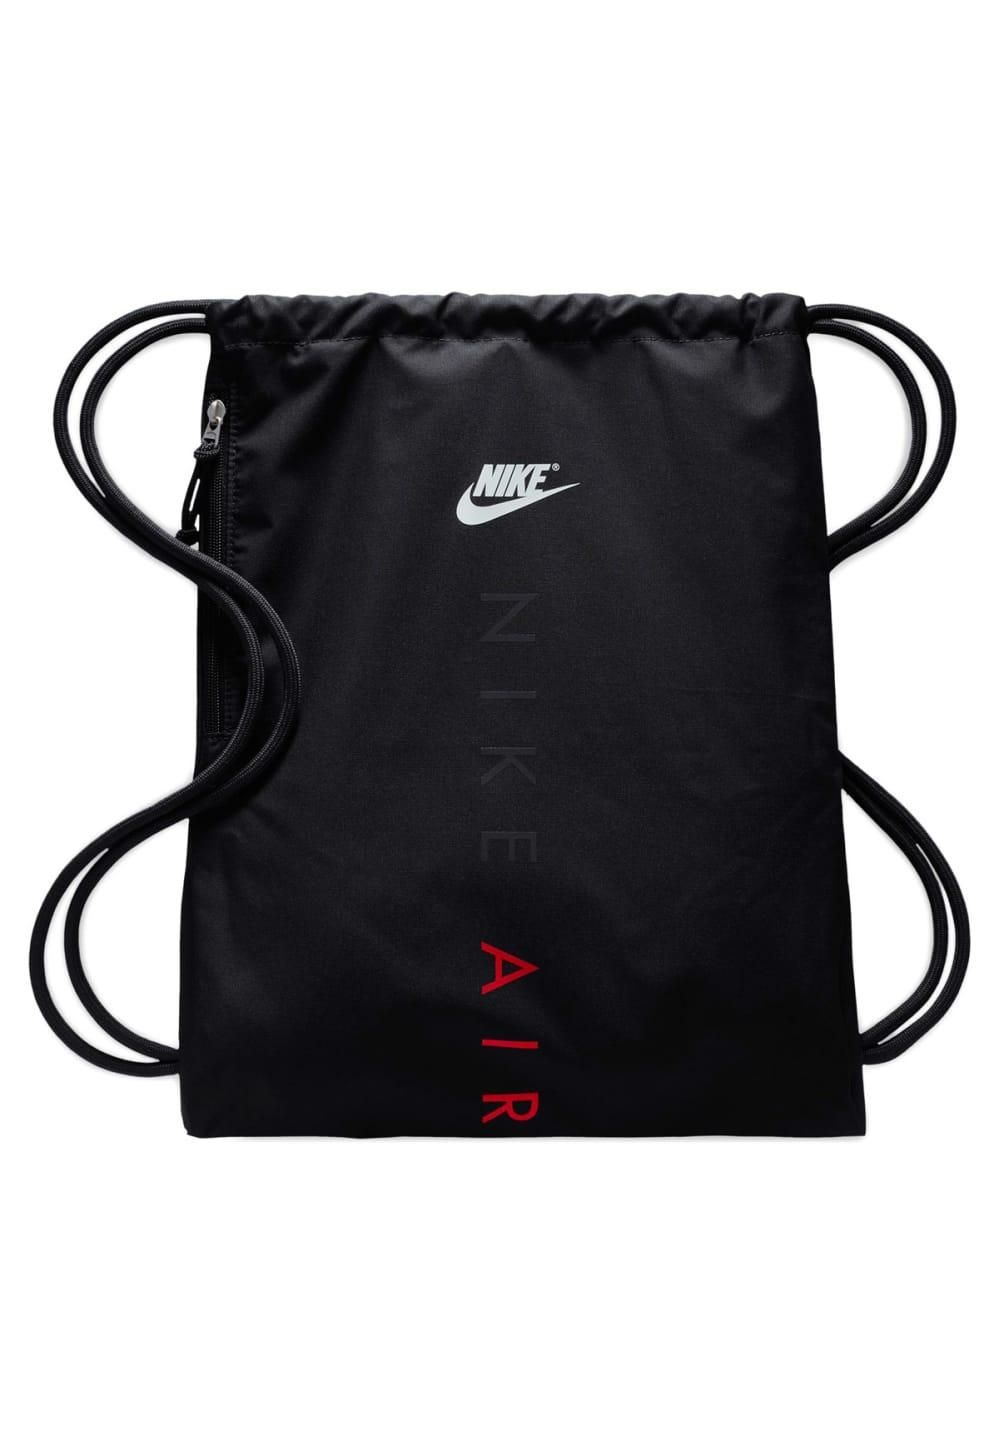 3eeca68200c43 Nike Heritage Gym Sack 2 - Gfx Sporttaschen - Schwarz